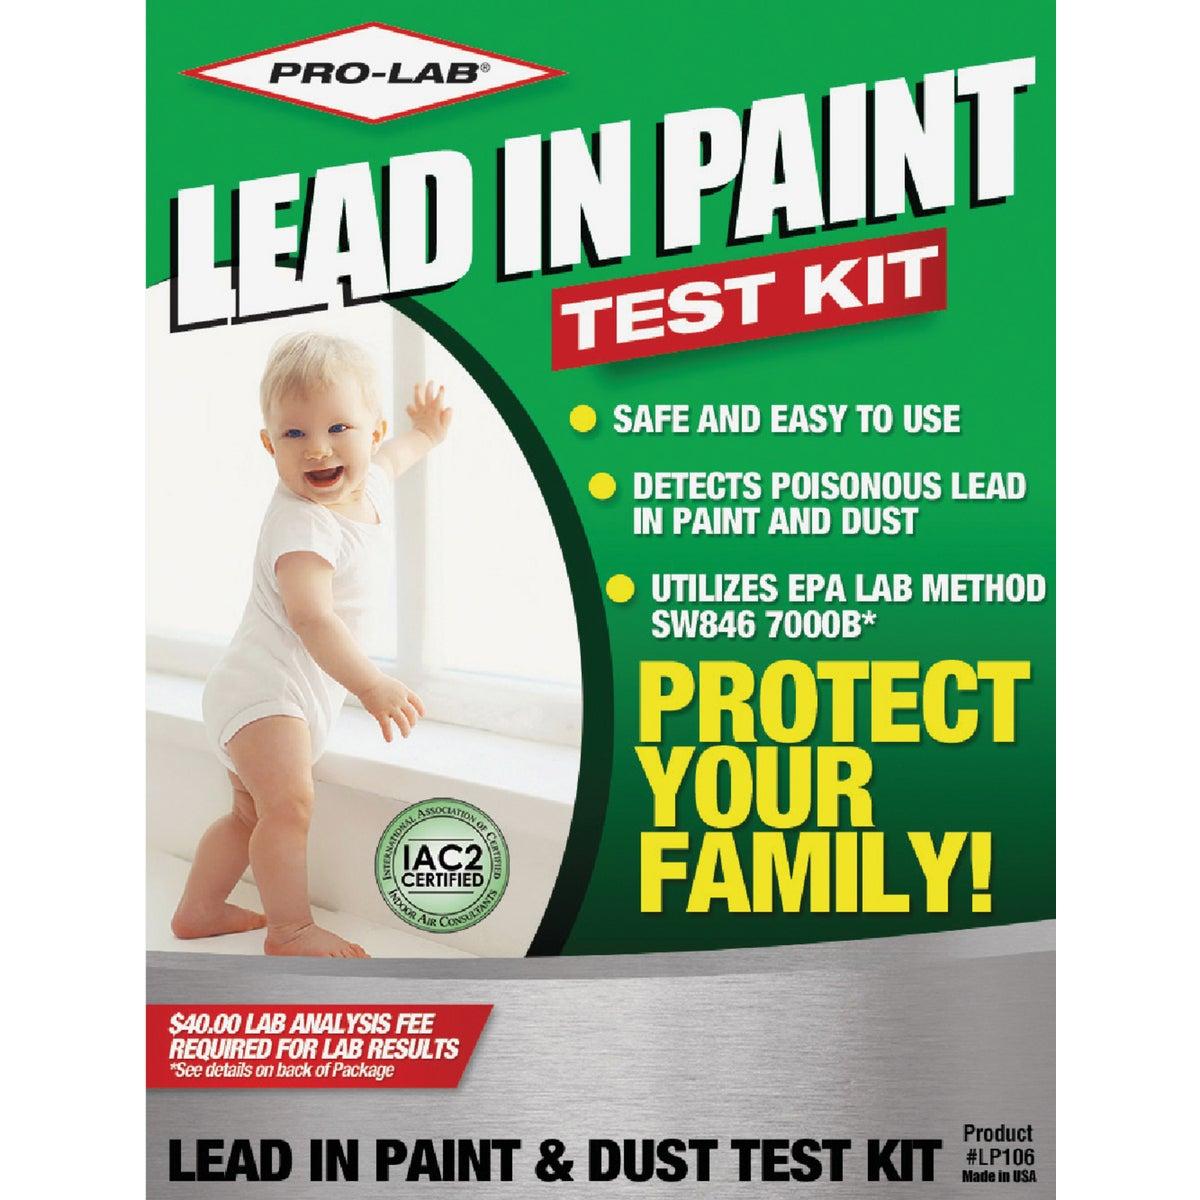 Lead Dust/Paint Test Kit